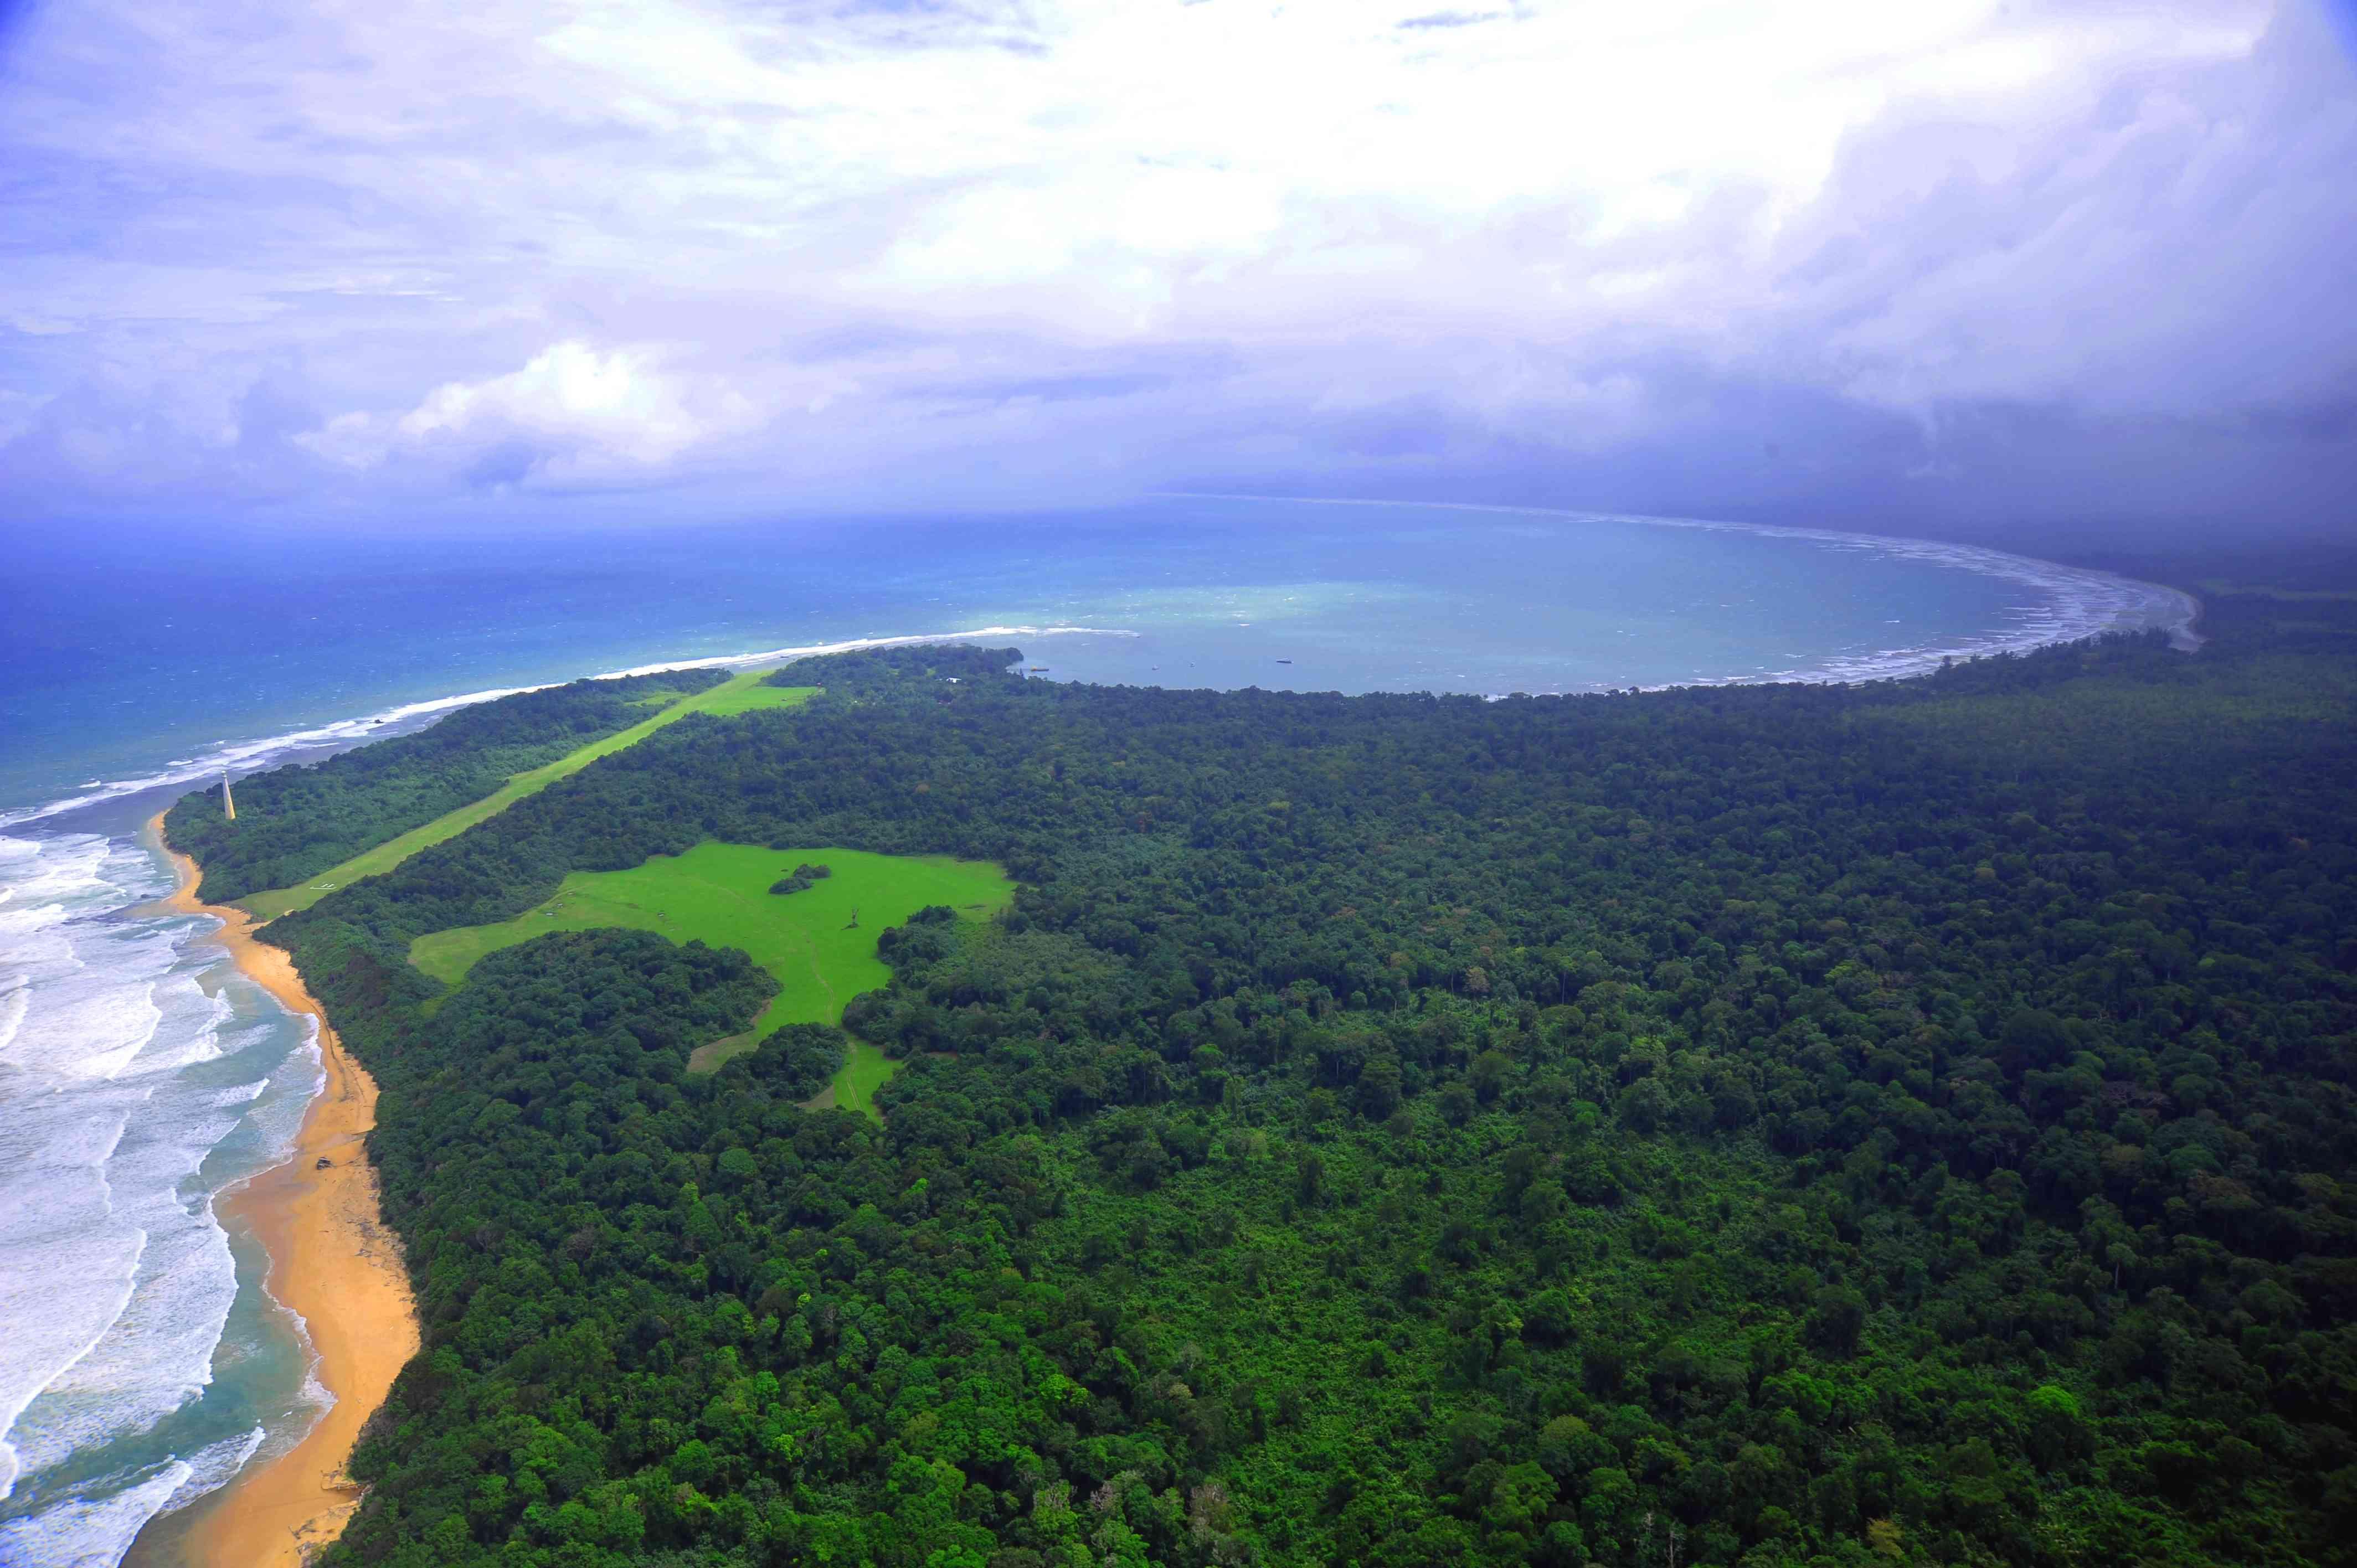 Aerial view of Bukit Barisan Selatan National Park in Sumatra